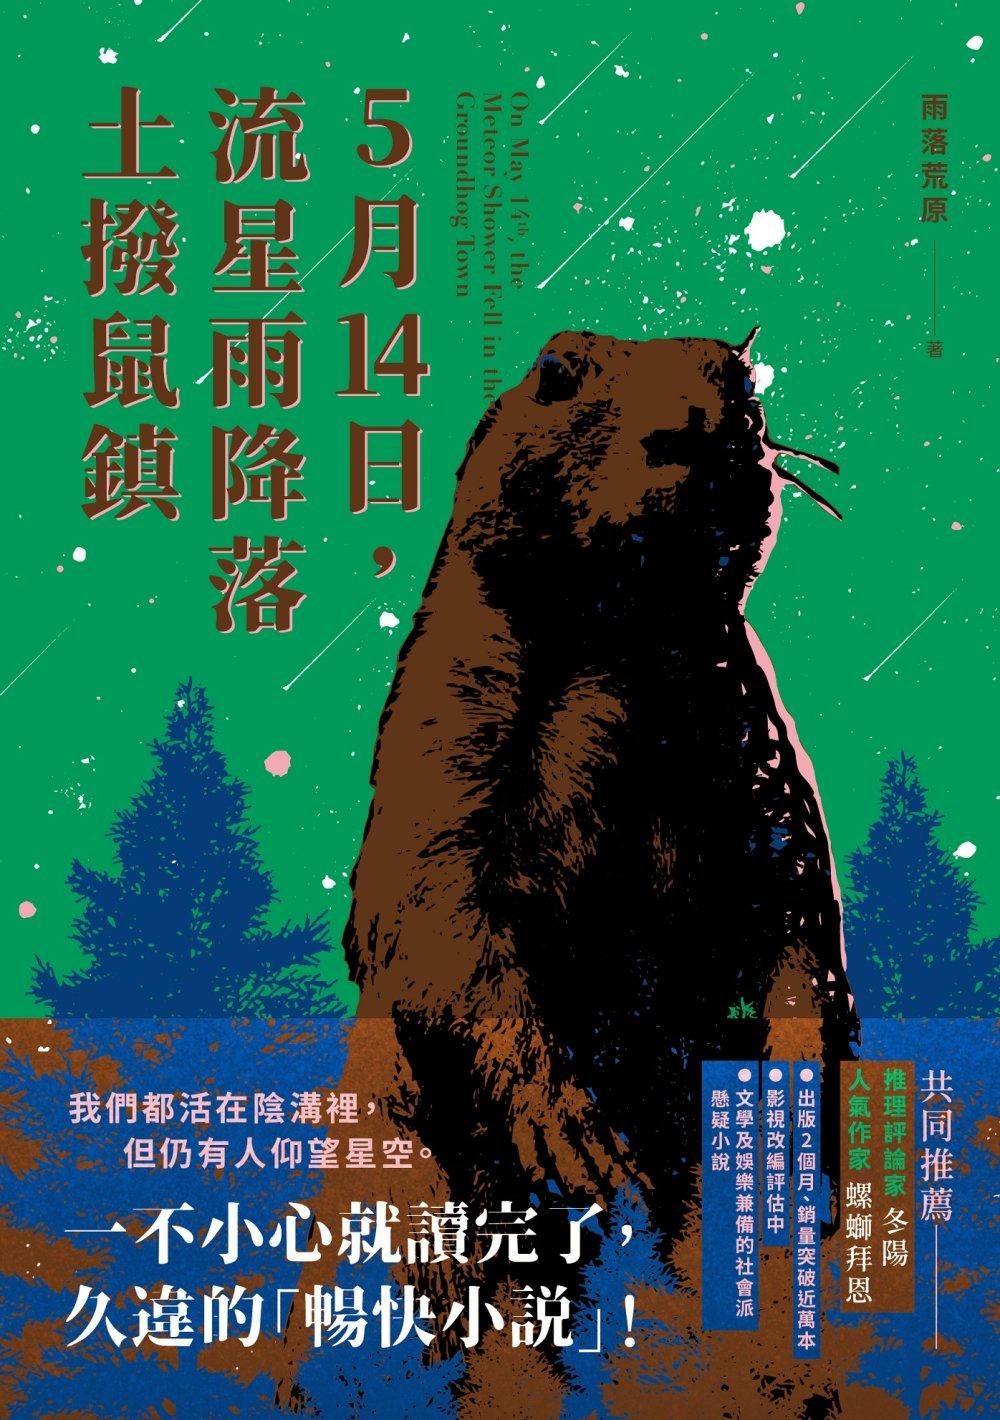 5月14日,流星雨降落土撥鼠鎮 (電子書)